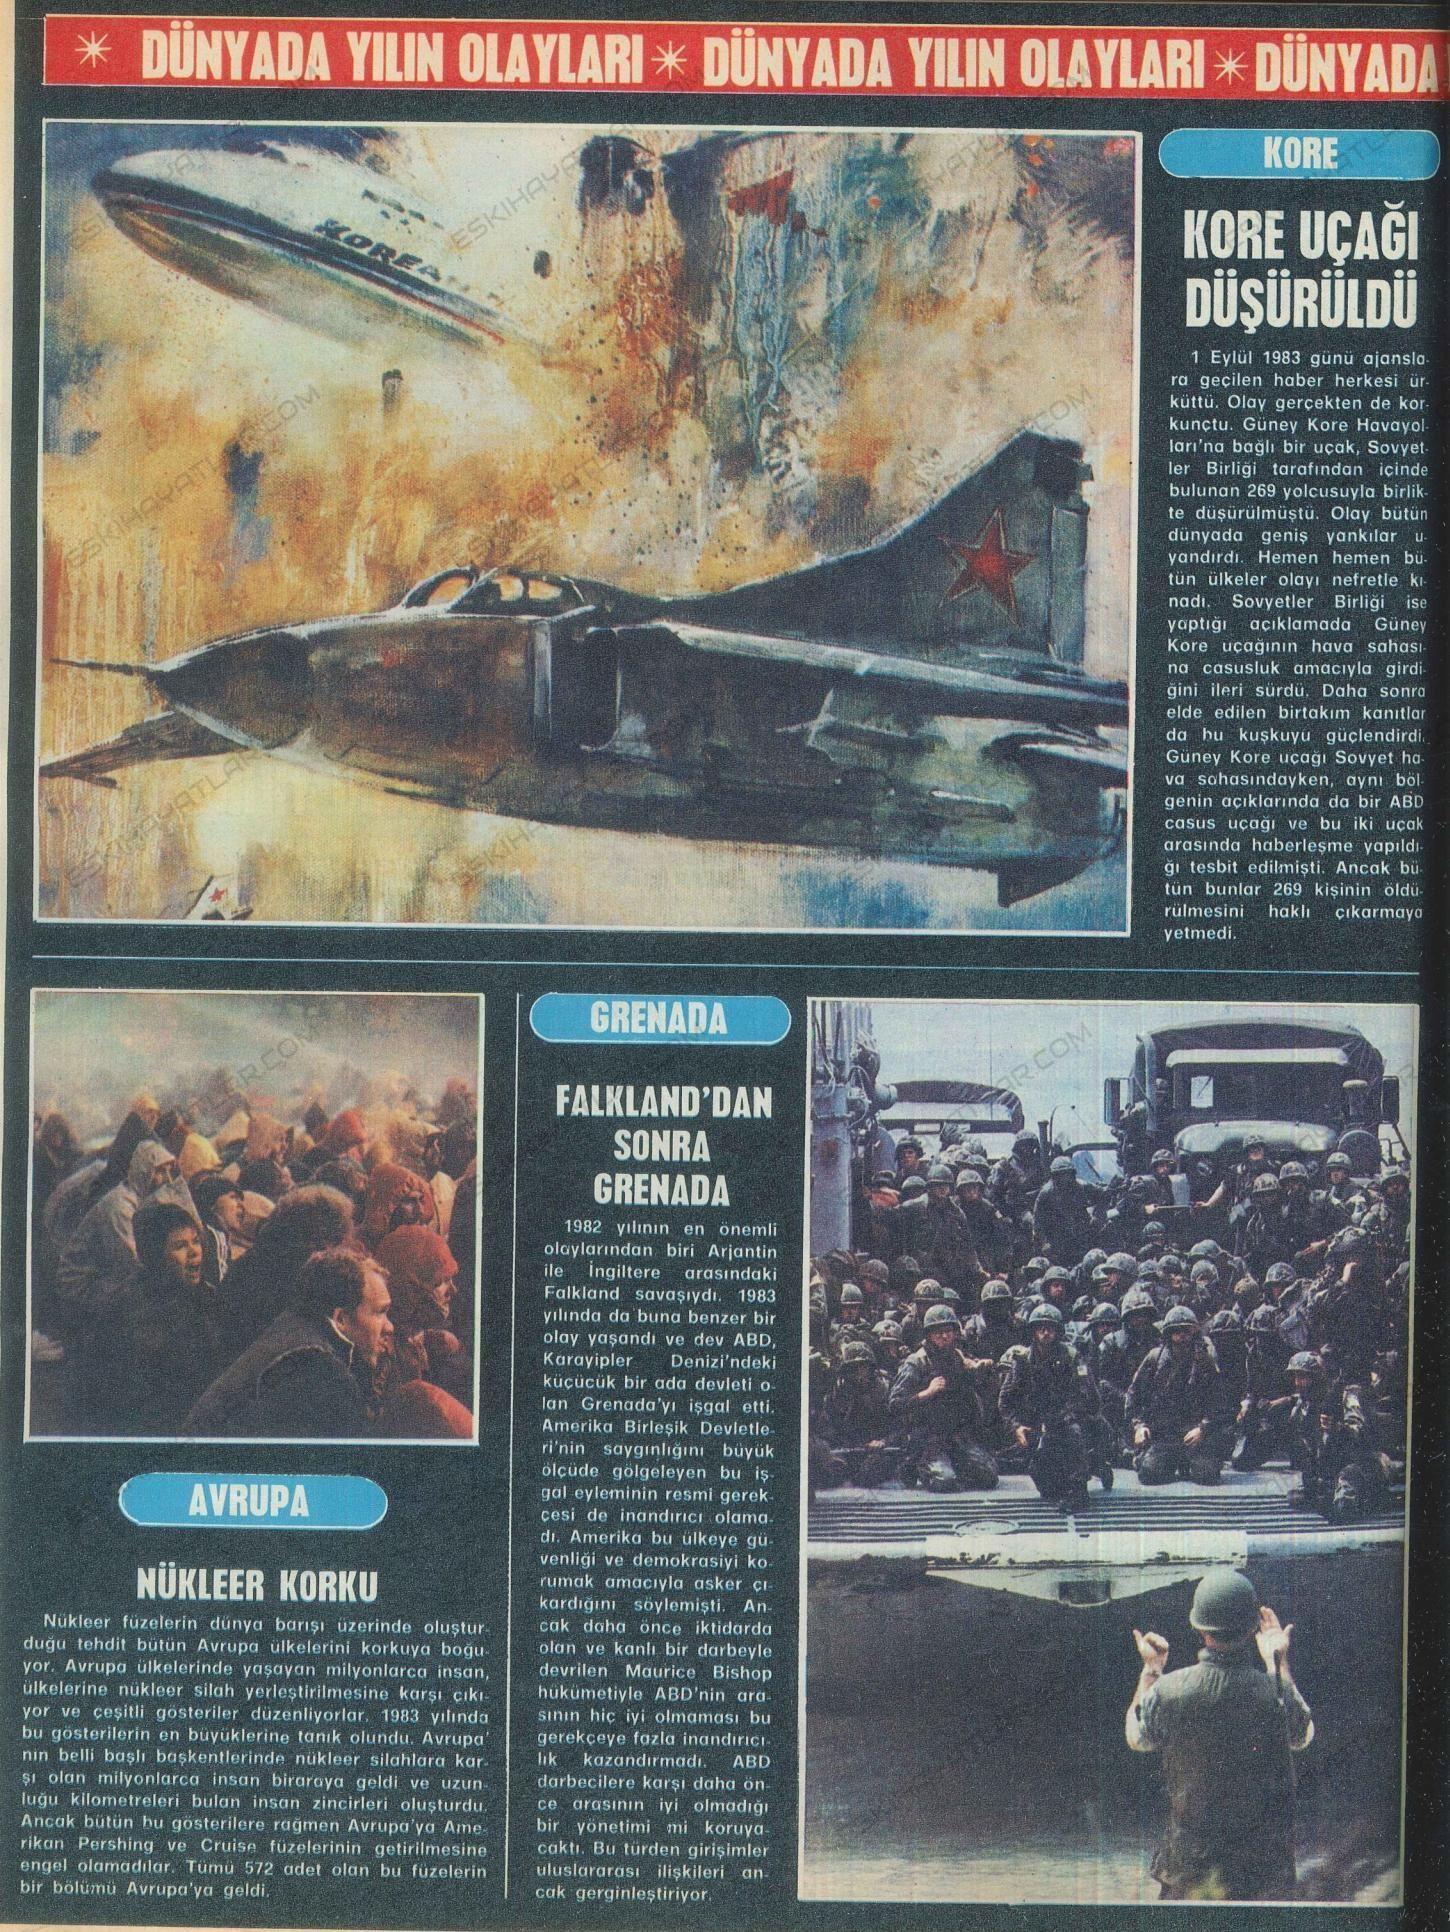 0367-guney-kore-ucagi-dusuruldu-1983-sscb-savaslari